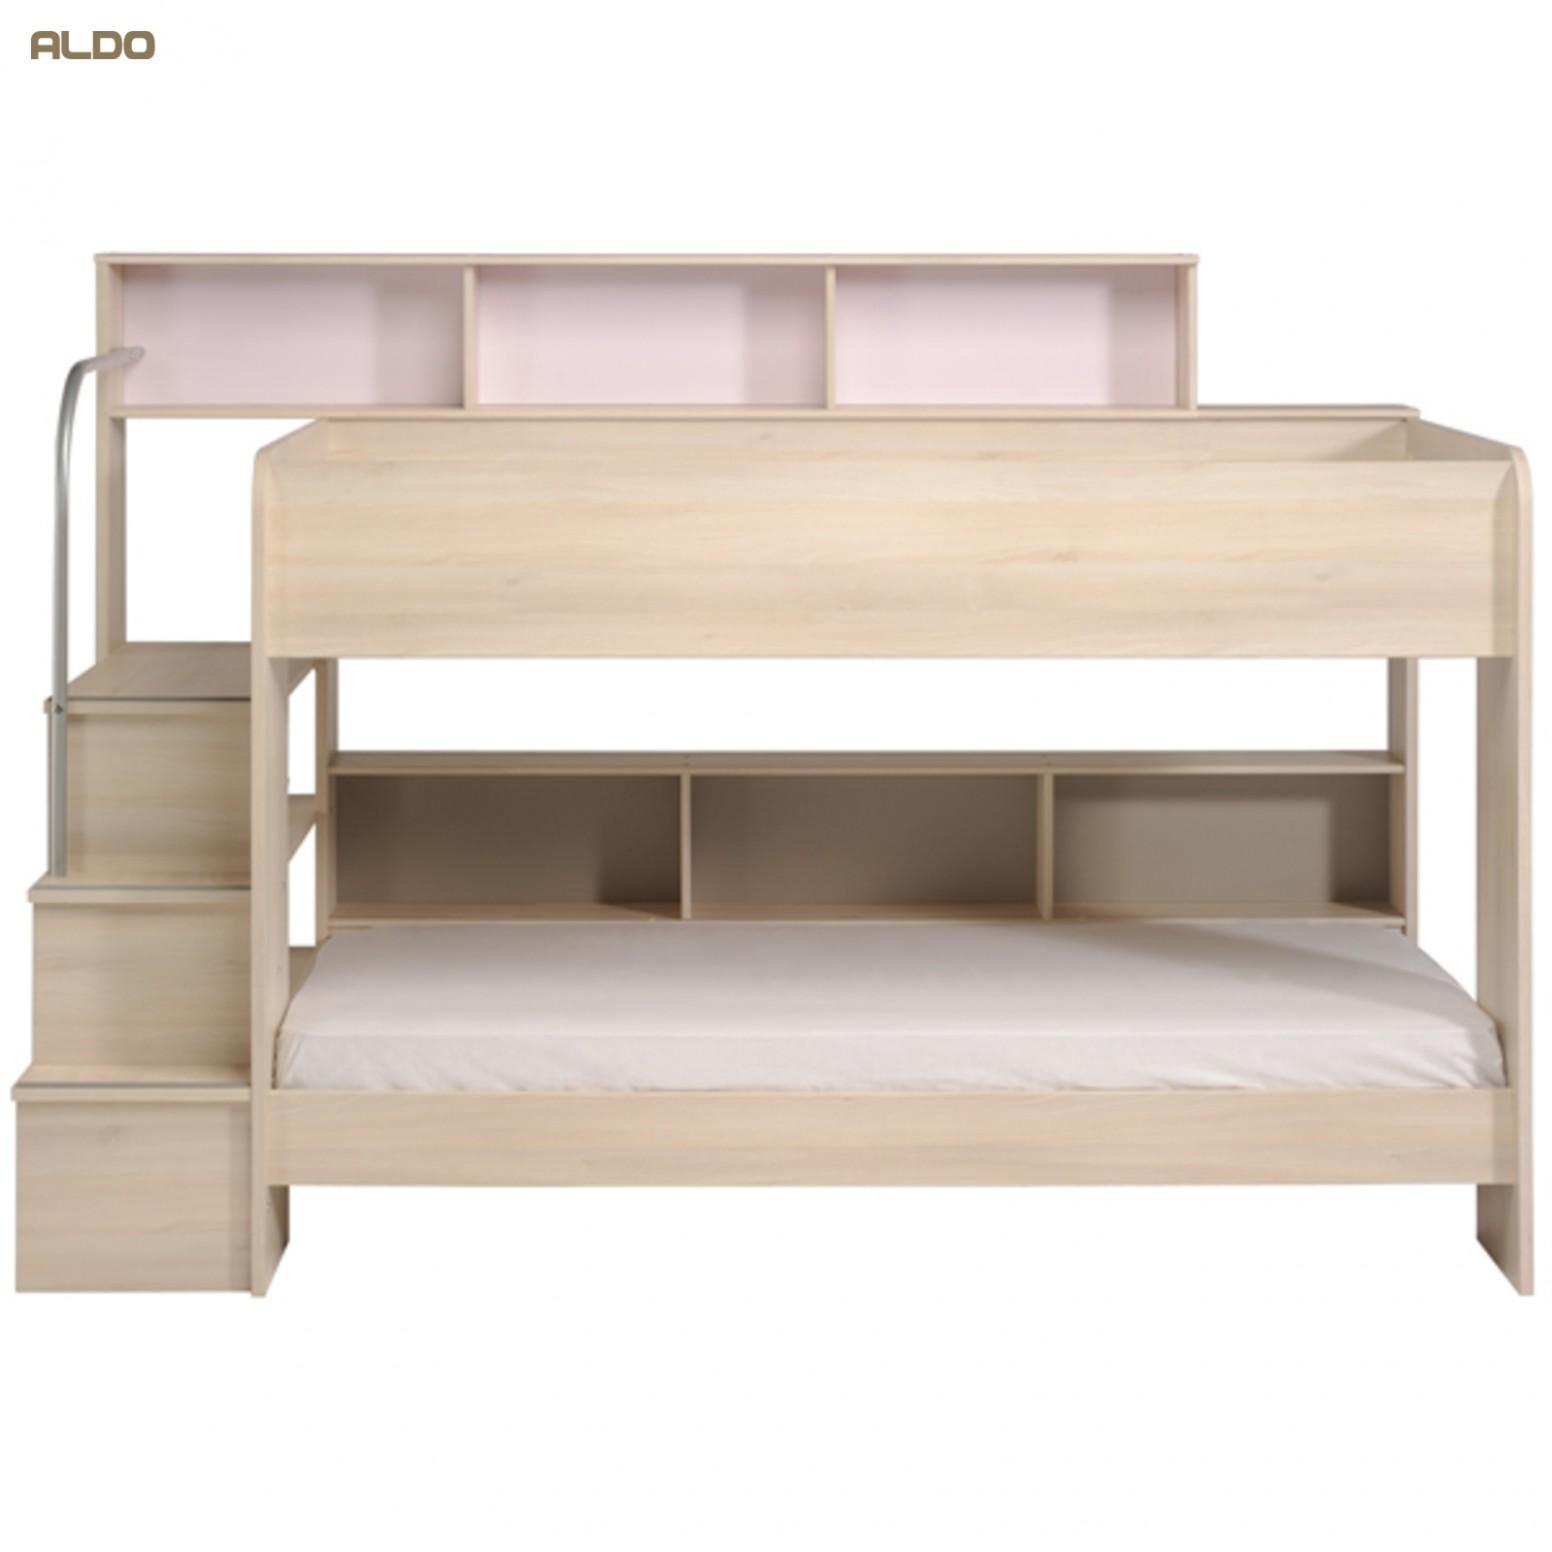 Dětská postel Bibop | Nábytek Aldo